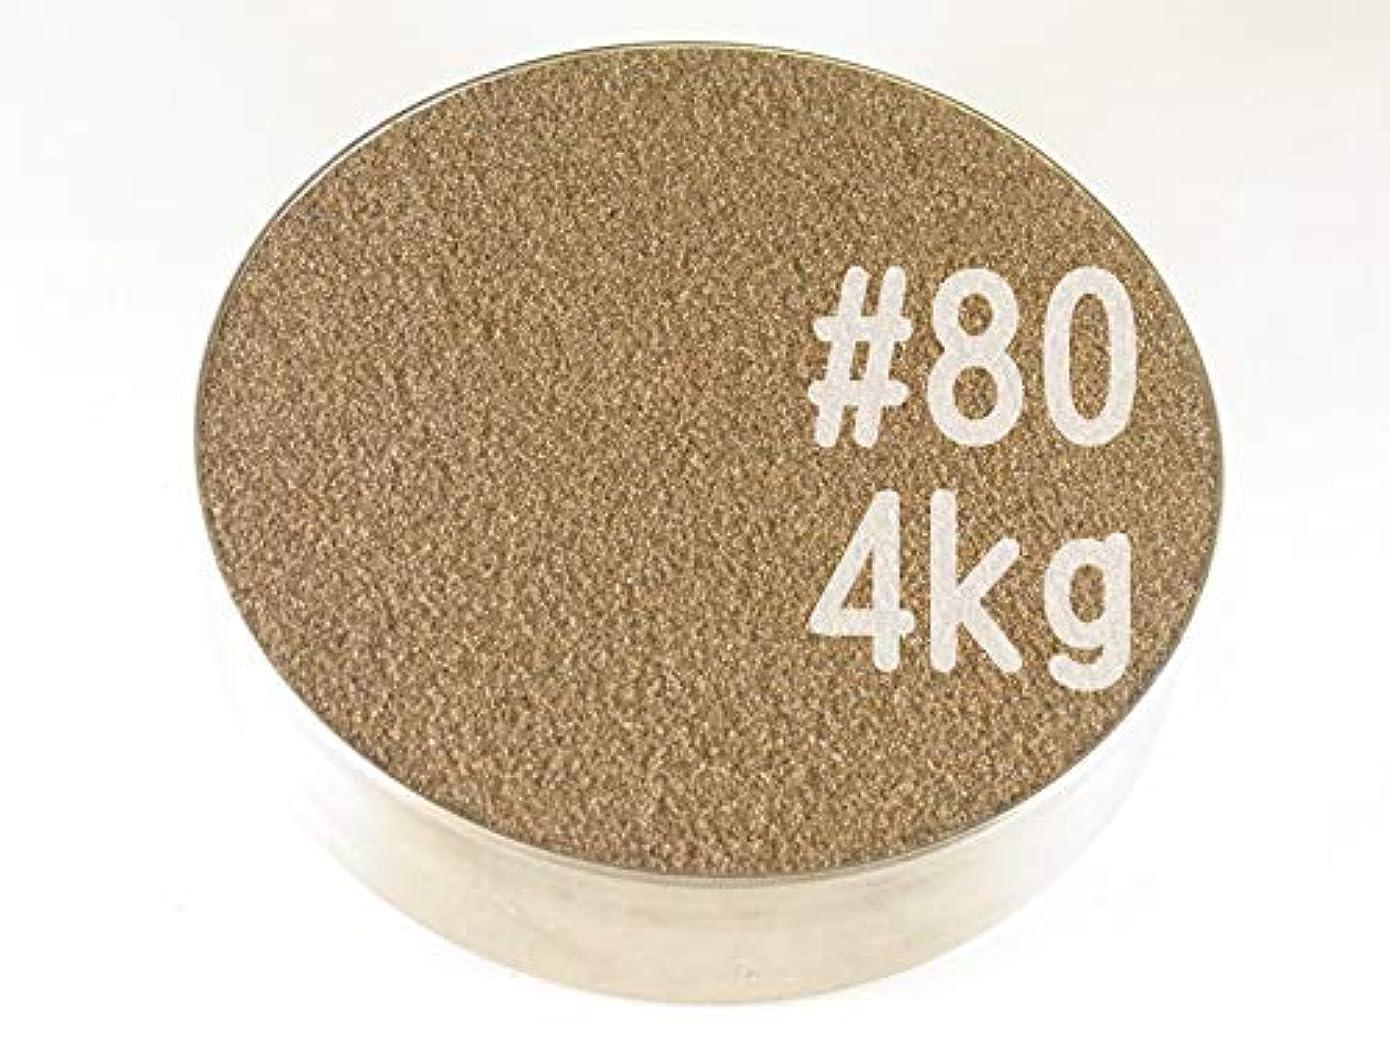 爆弾給料ストラップ#80 (4kg) アルミナサンド/アルミナメディア/砂/褐色アルミナ サンドブラスト用(番手サイズは7種類から #40#60#80#100#120#180#220 )